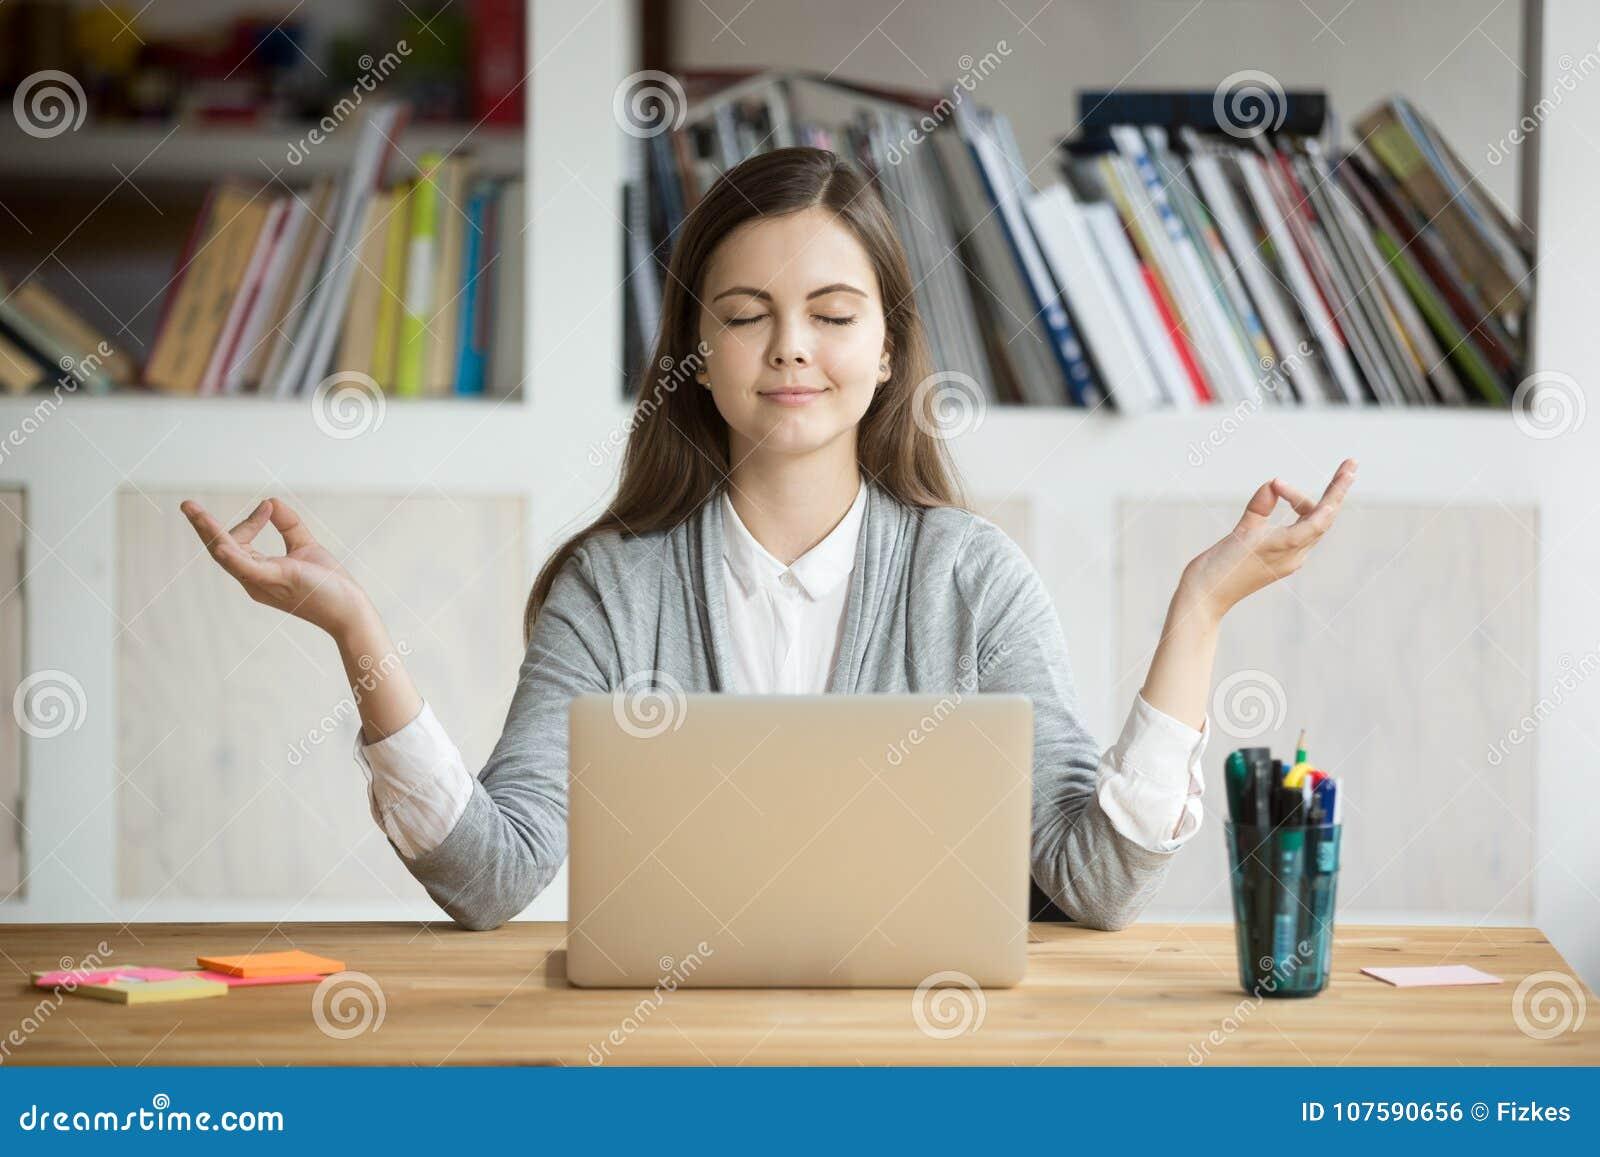 Mulher relaxado calma que medita com portátil, nenhum esforço no trabalho